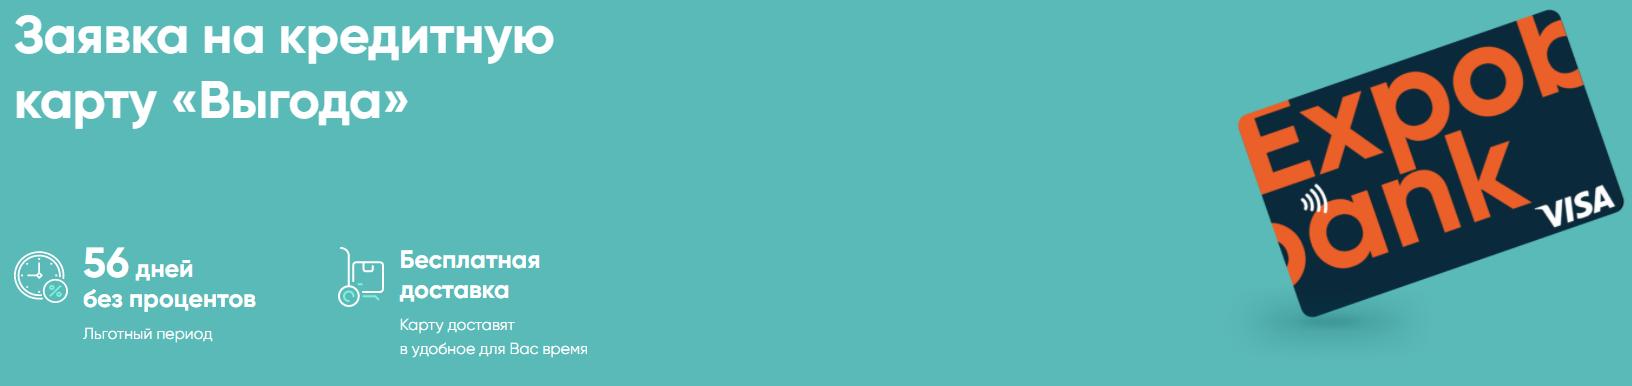 Кредитная карта «Выгода» от Экспобанка